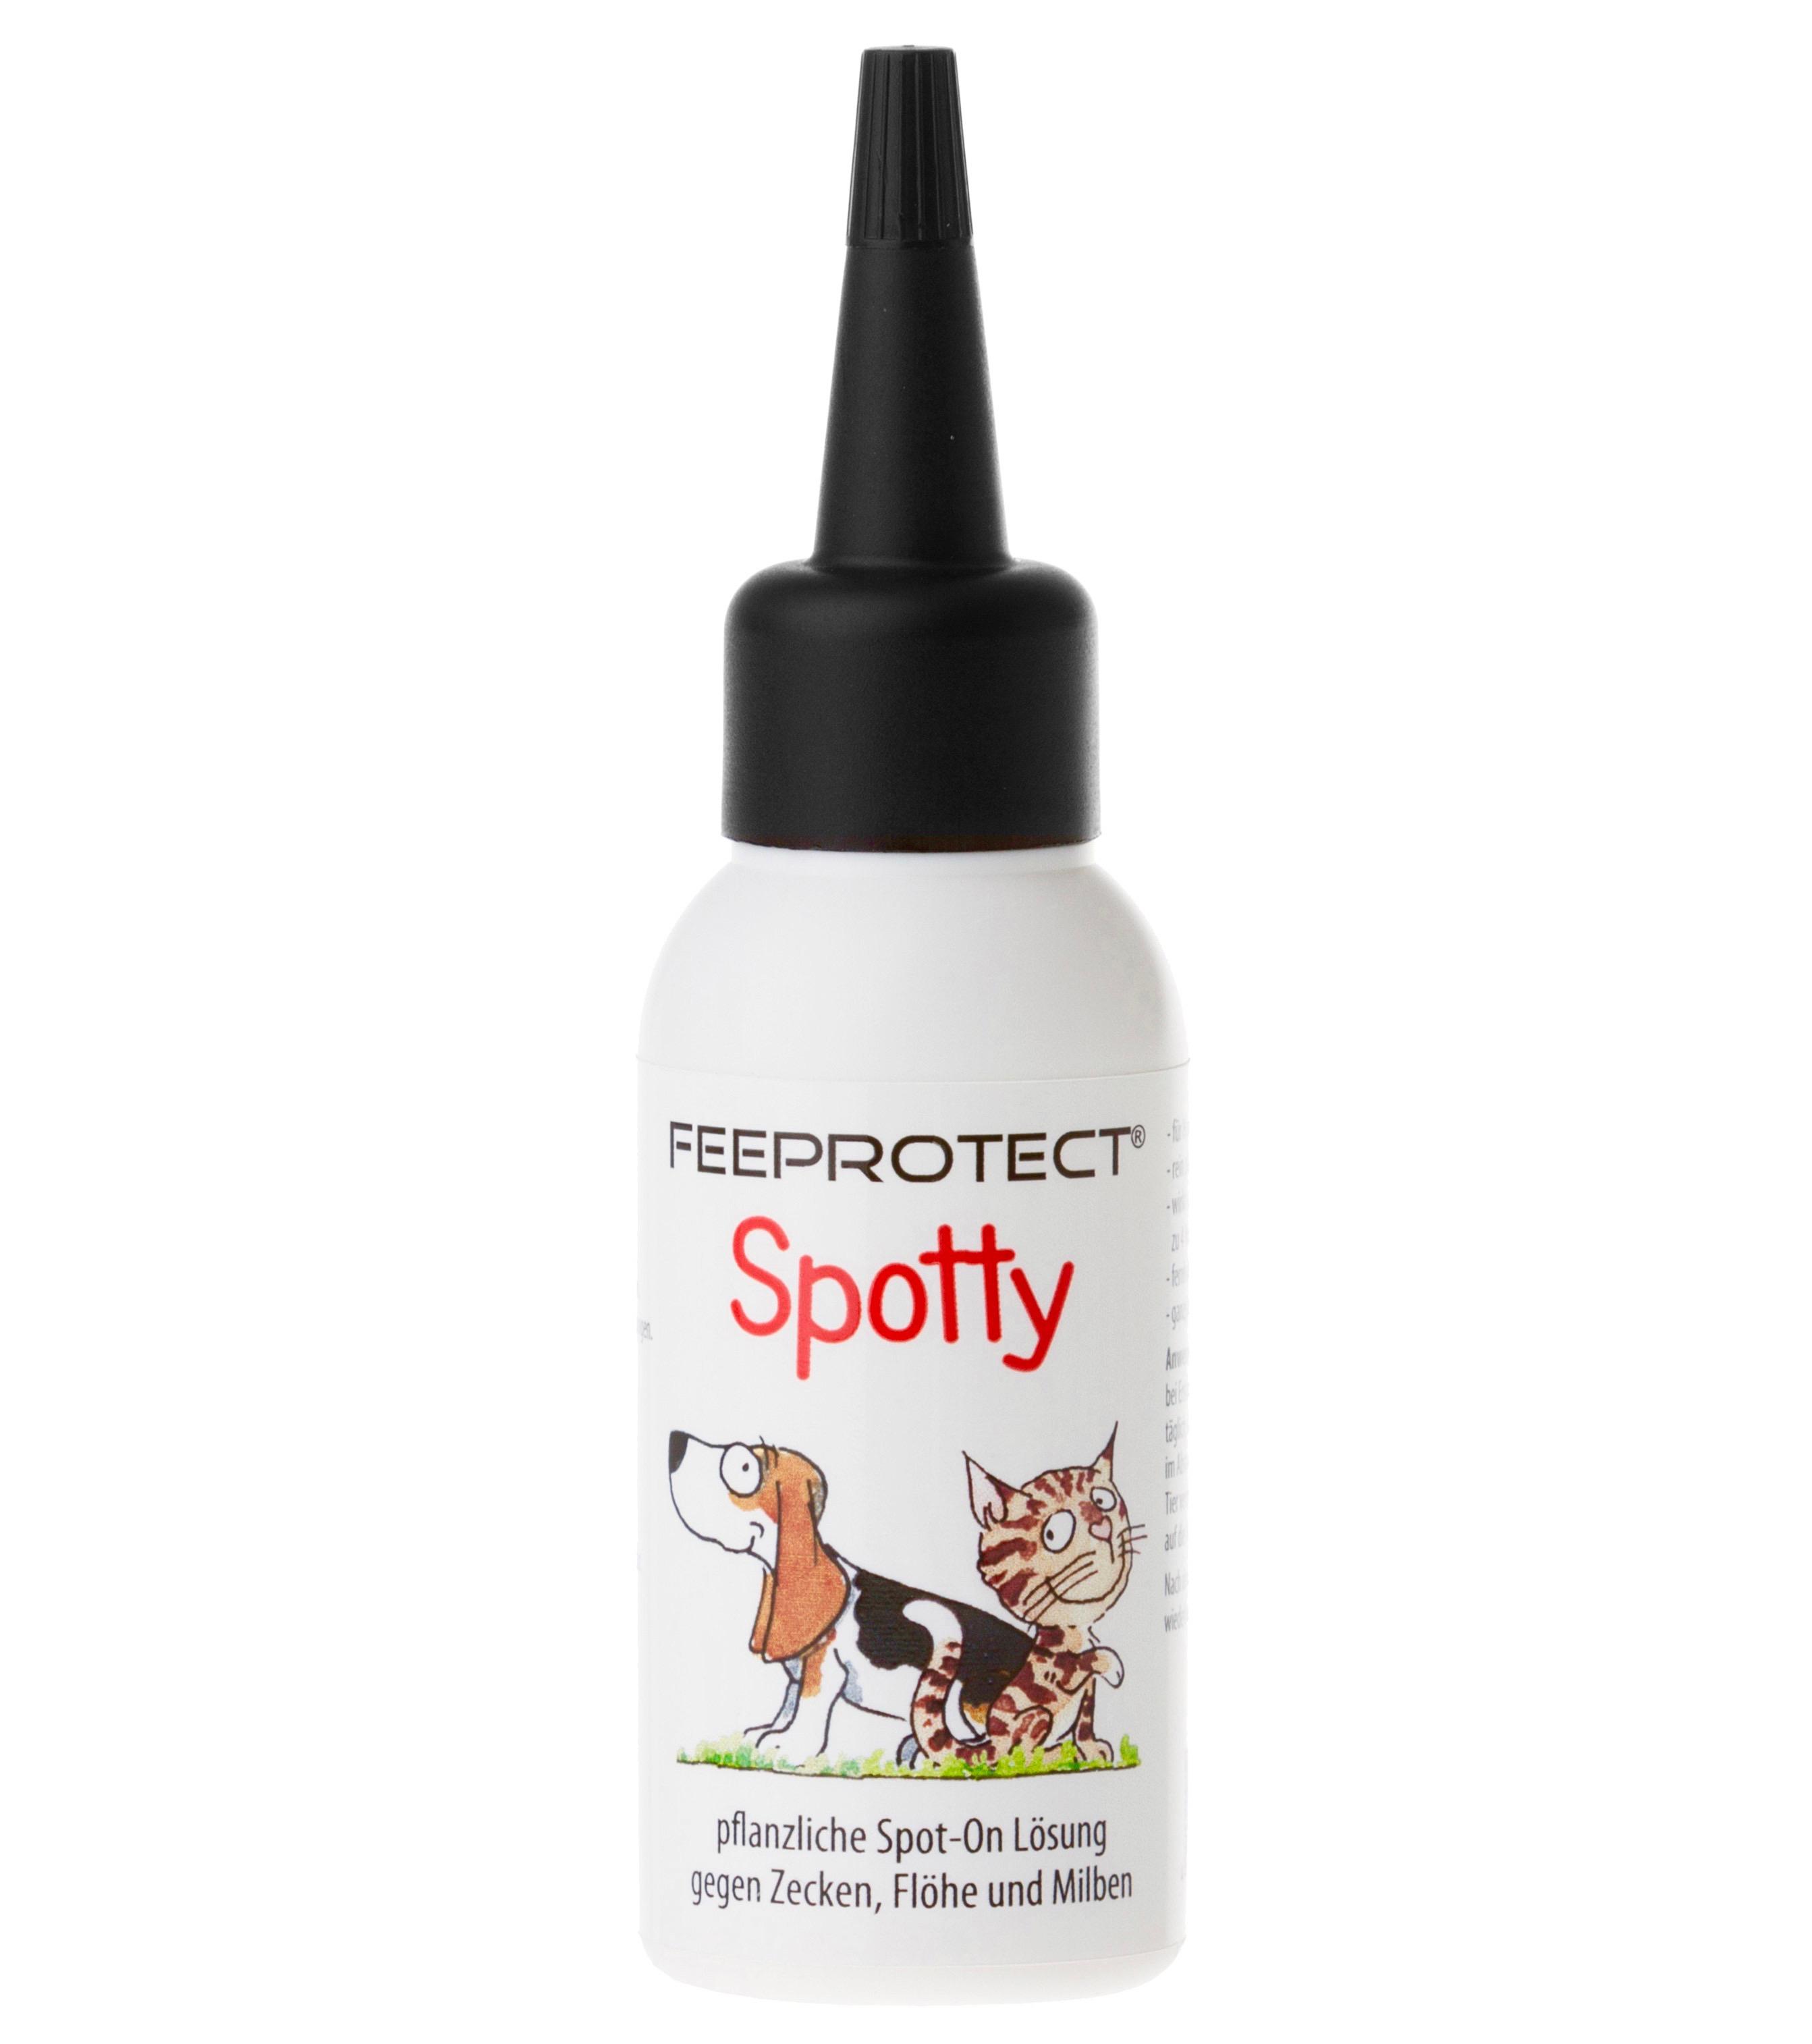 Feeprotect Spotty gegen Zecken und Feeprotect dog Fellpflege